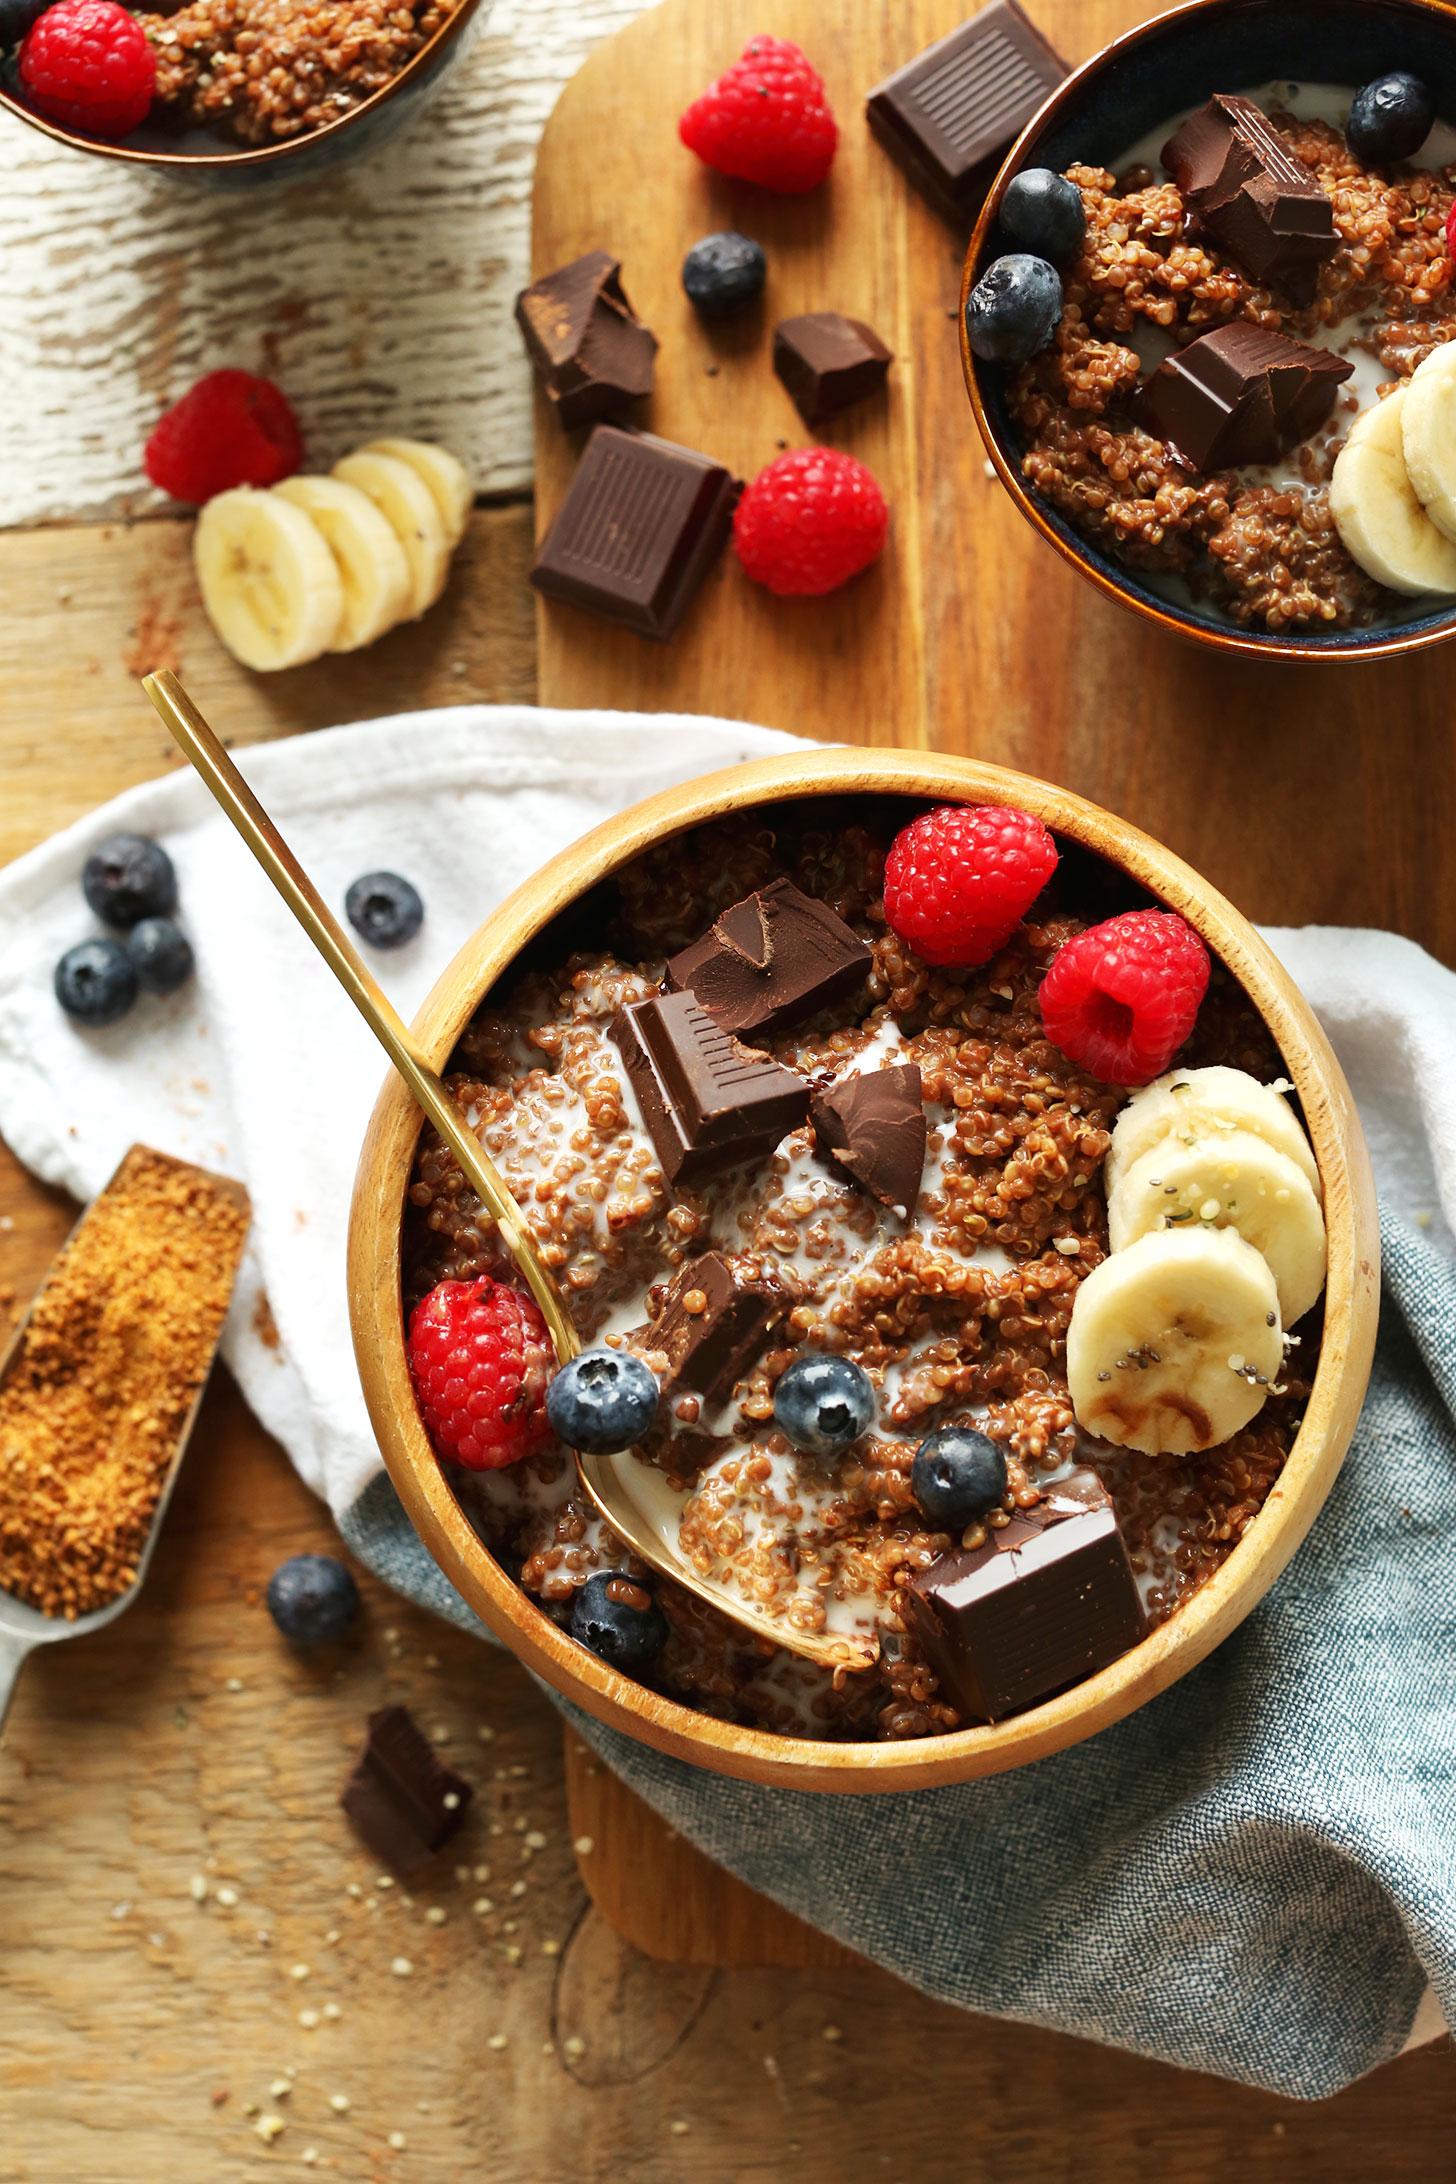 DARK-CHOCOLATE-Quinoa-Breakfast-Bowl-